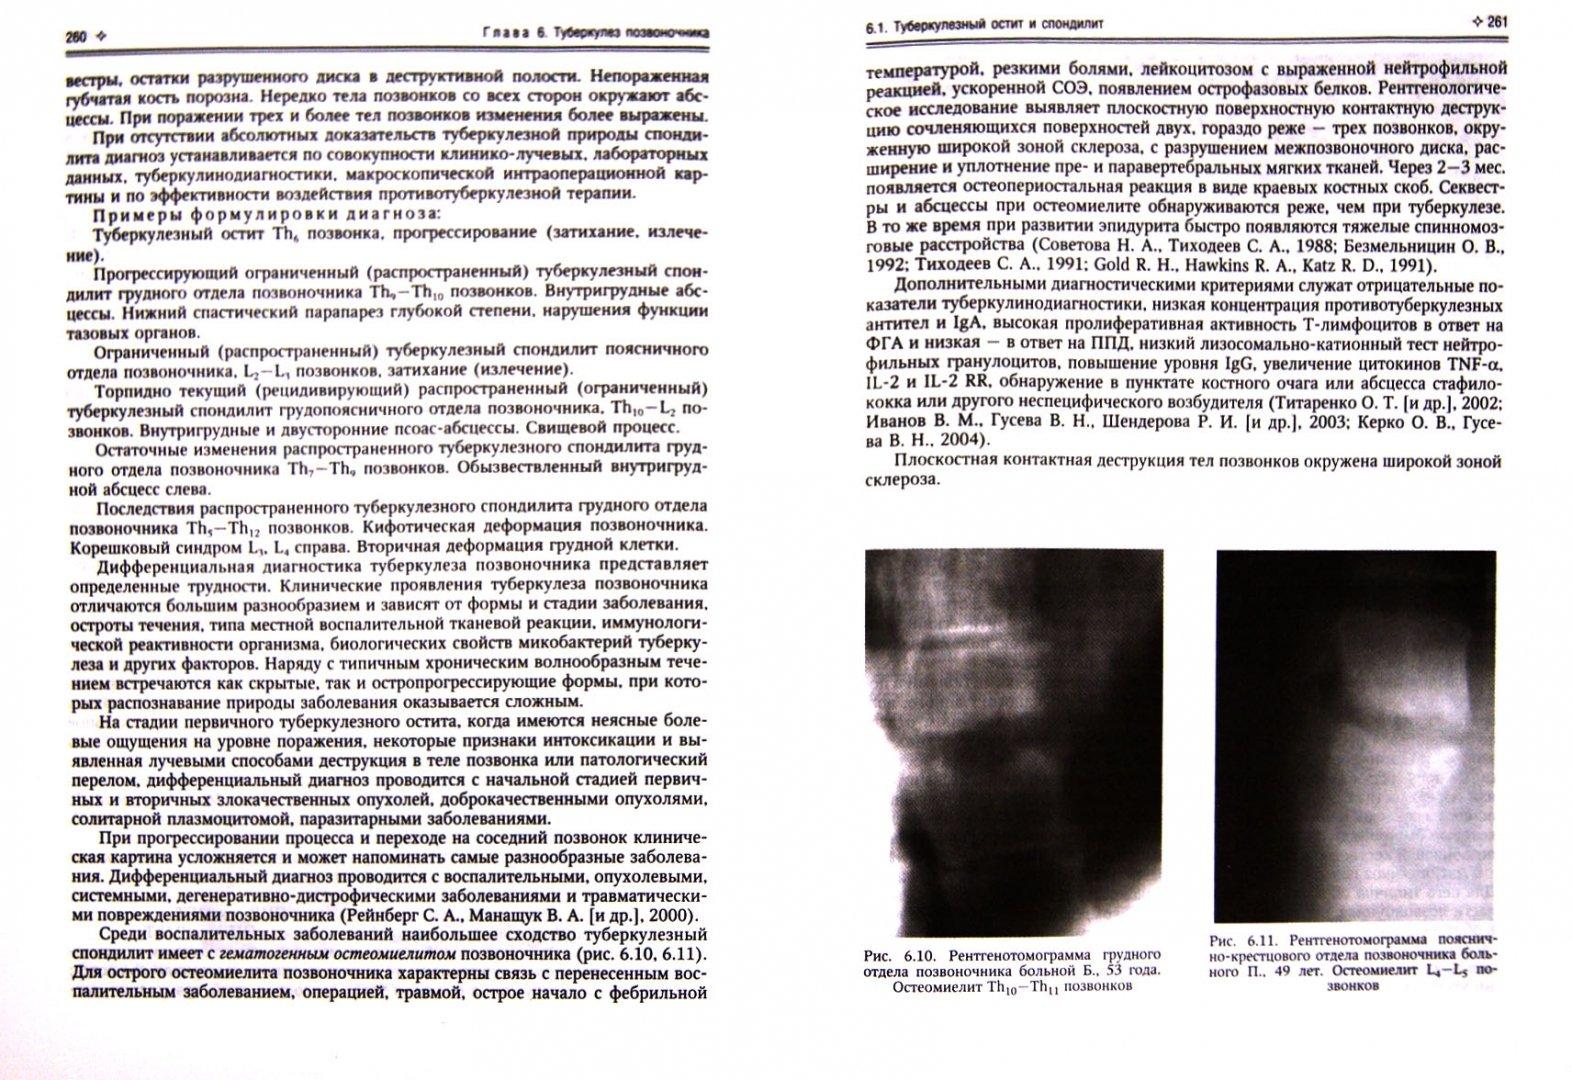 Иллюстрация 1 из 5 для Внелёгочный туберкулёз - Баринов, Мальченко | Лабиринт - книги. Источник: Лабиринт